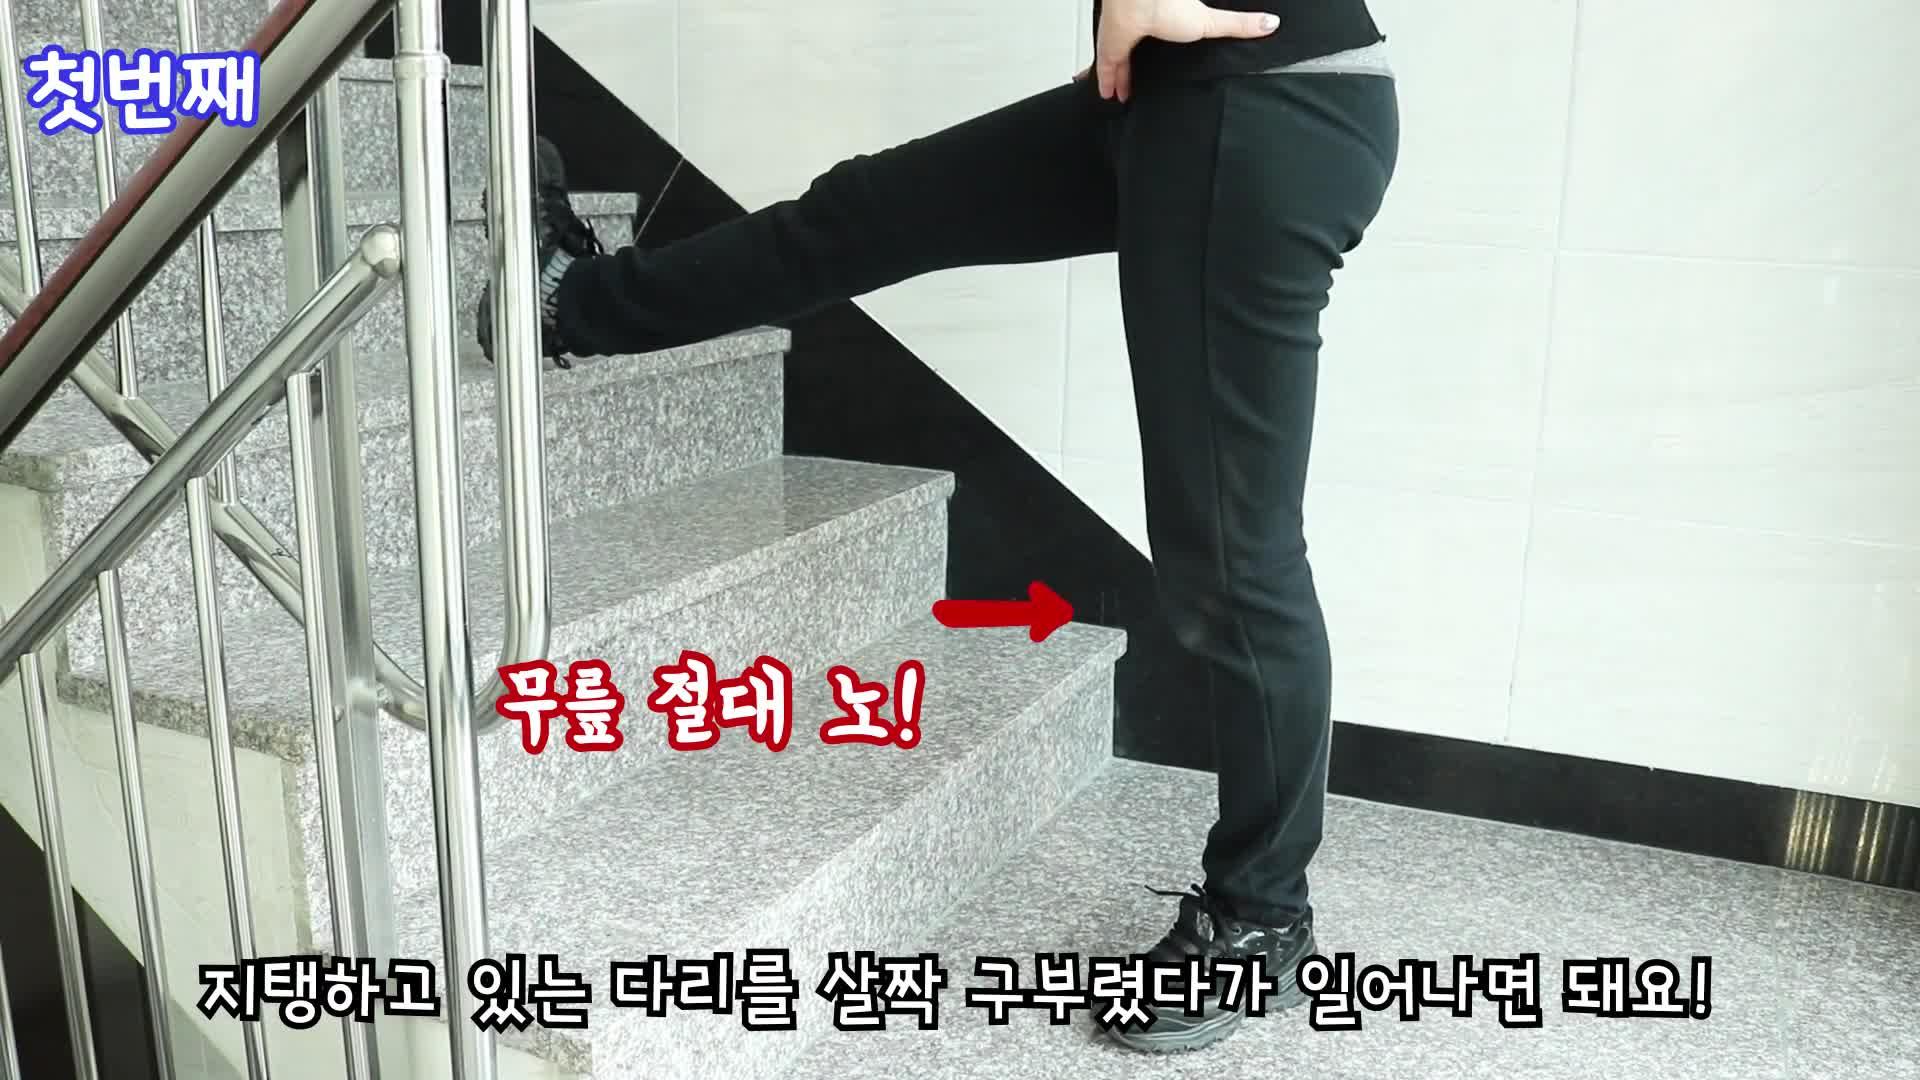 탄탄한 허벅지 운동! [1분팁]